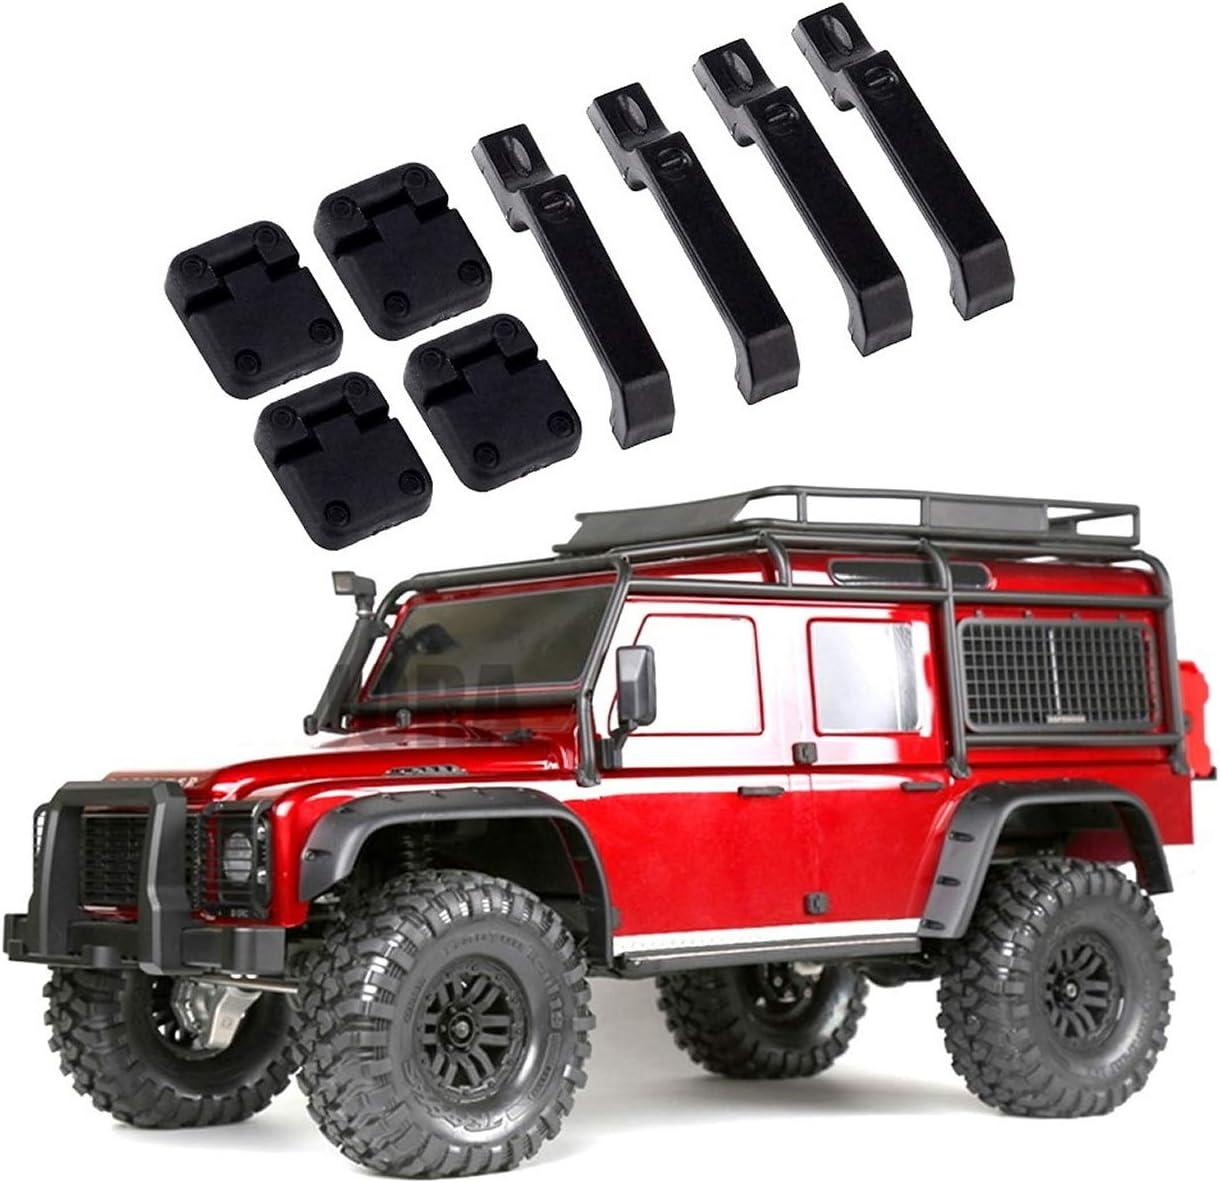 ARUNDEL SERVICES EU TRX4 1 Juego de bisagras y manijas de Puerta de Coche de plástico Negro para 1/10 RC Crawler Traxxas TRX-4 TRX4